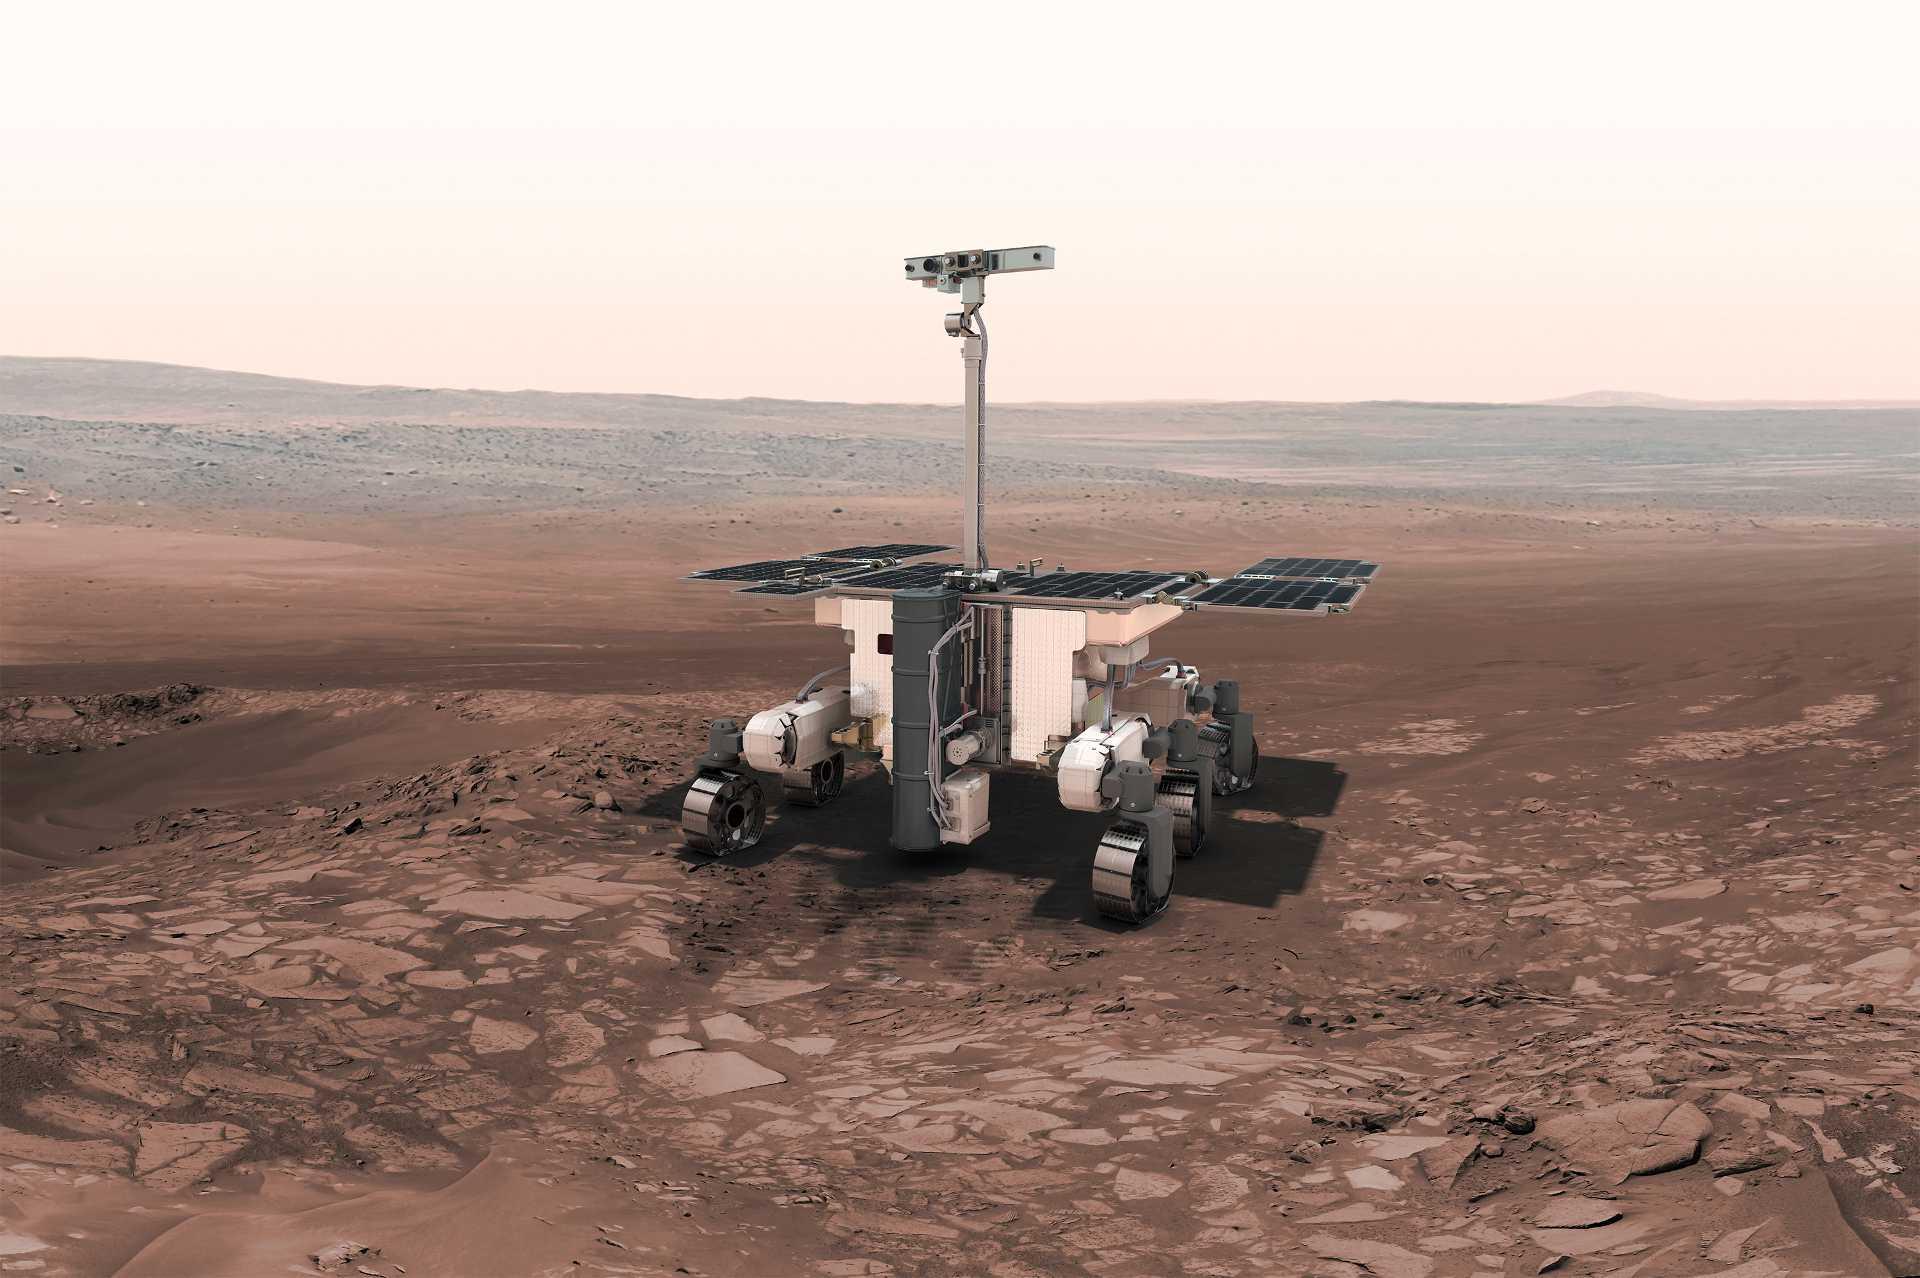 Conferencia: Misiones de Exploración del Sistema Solar de la Agencia Espacial Europea - ExoMars